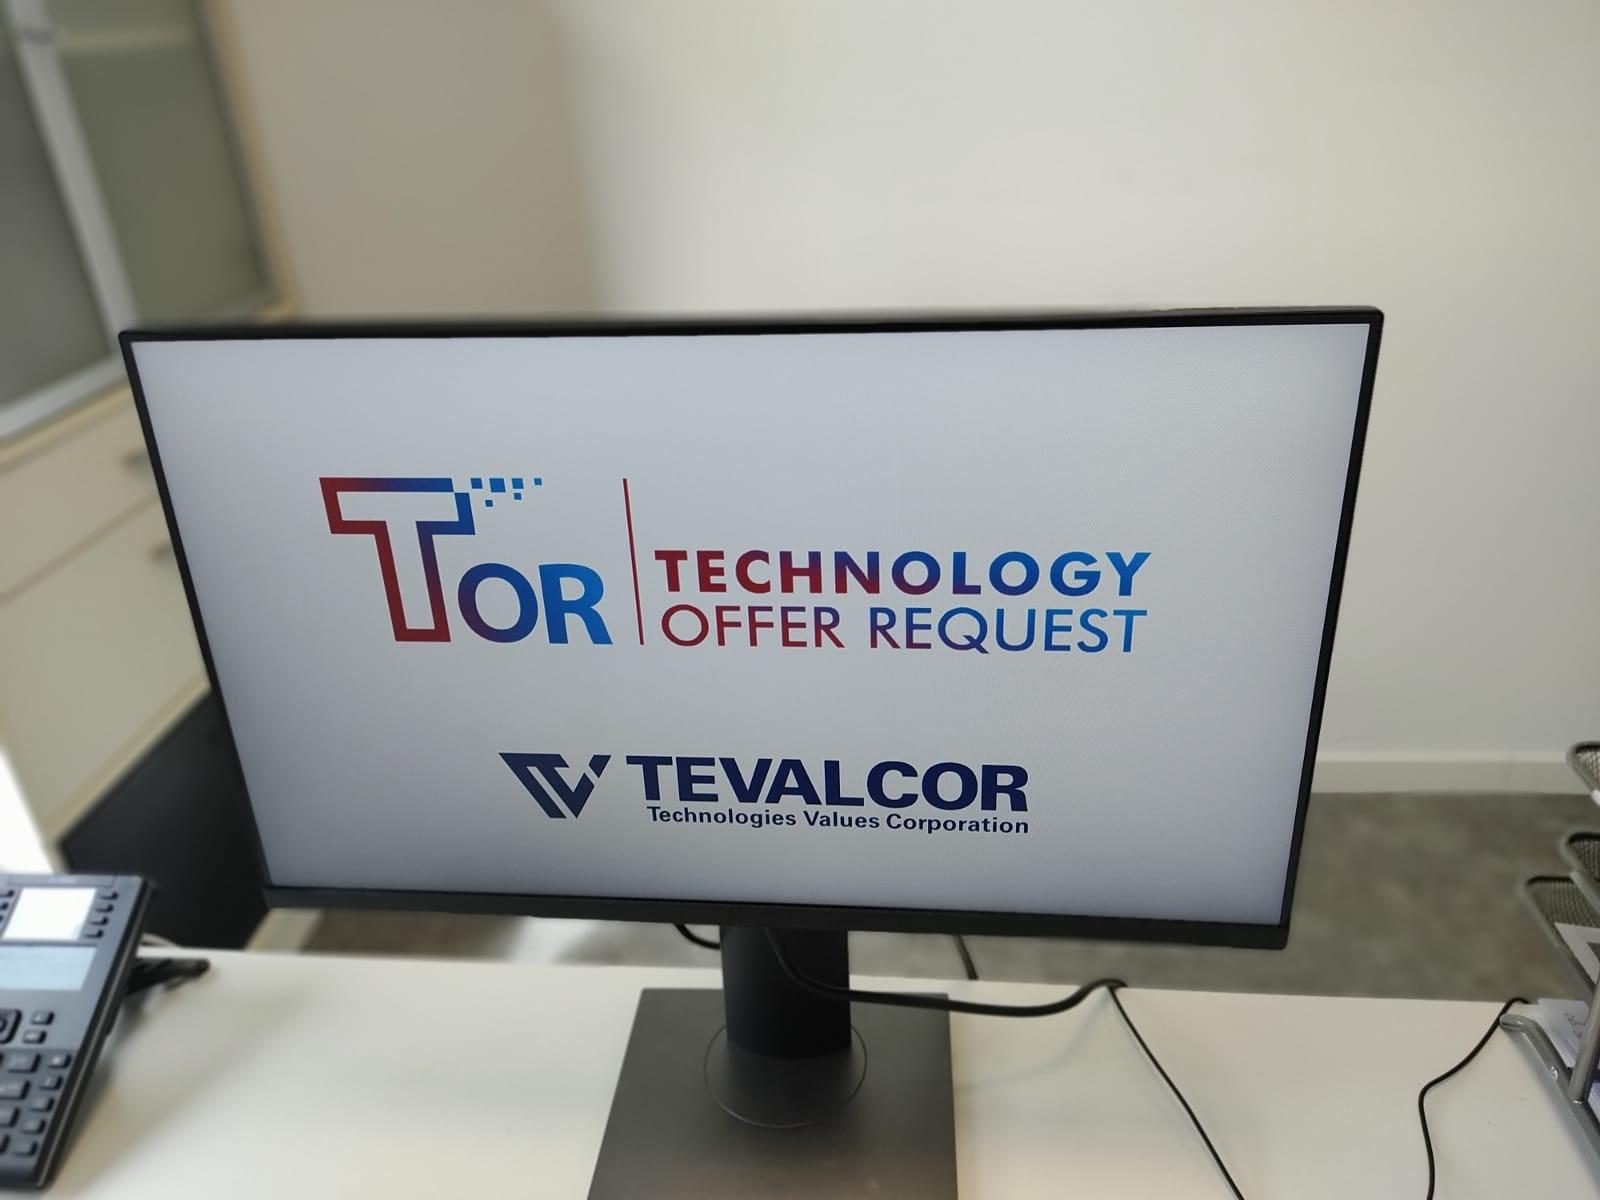 Tevalcor - Servicios tecnológicos - TOR